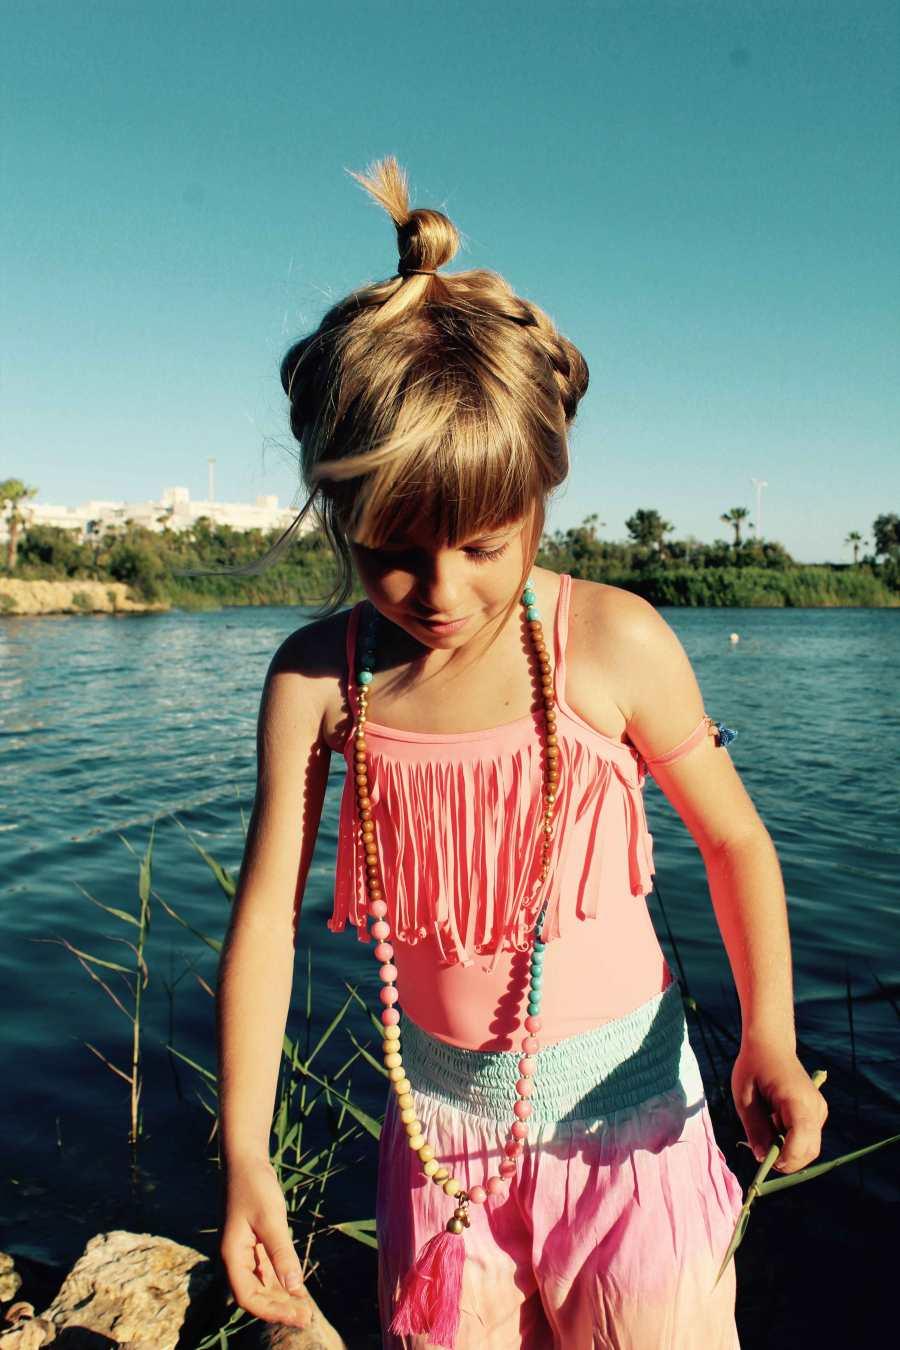 wacamono y melé beach son las marcas de las prendas de nuestra mini modelo moda infantil almería